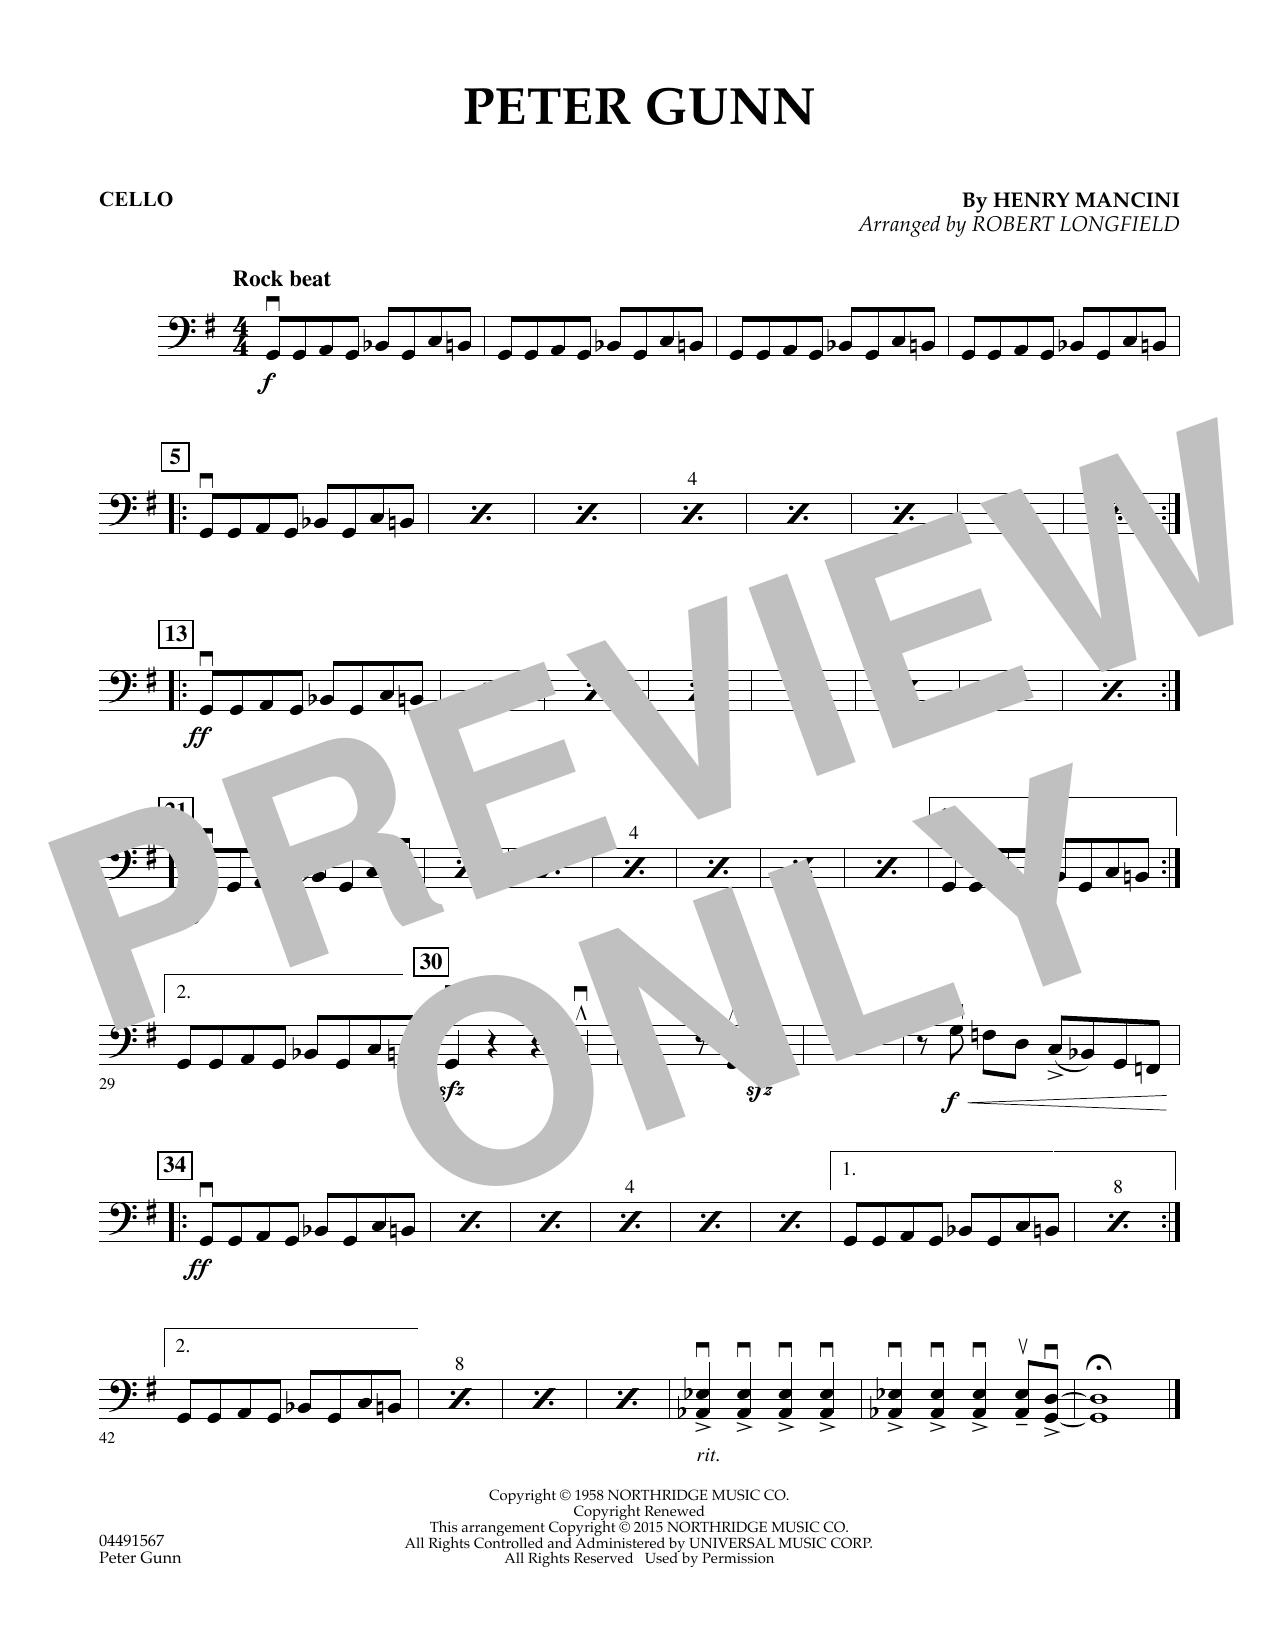 Peter Gunn - Cello (Orchestra)